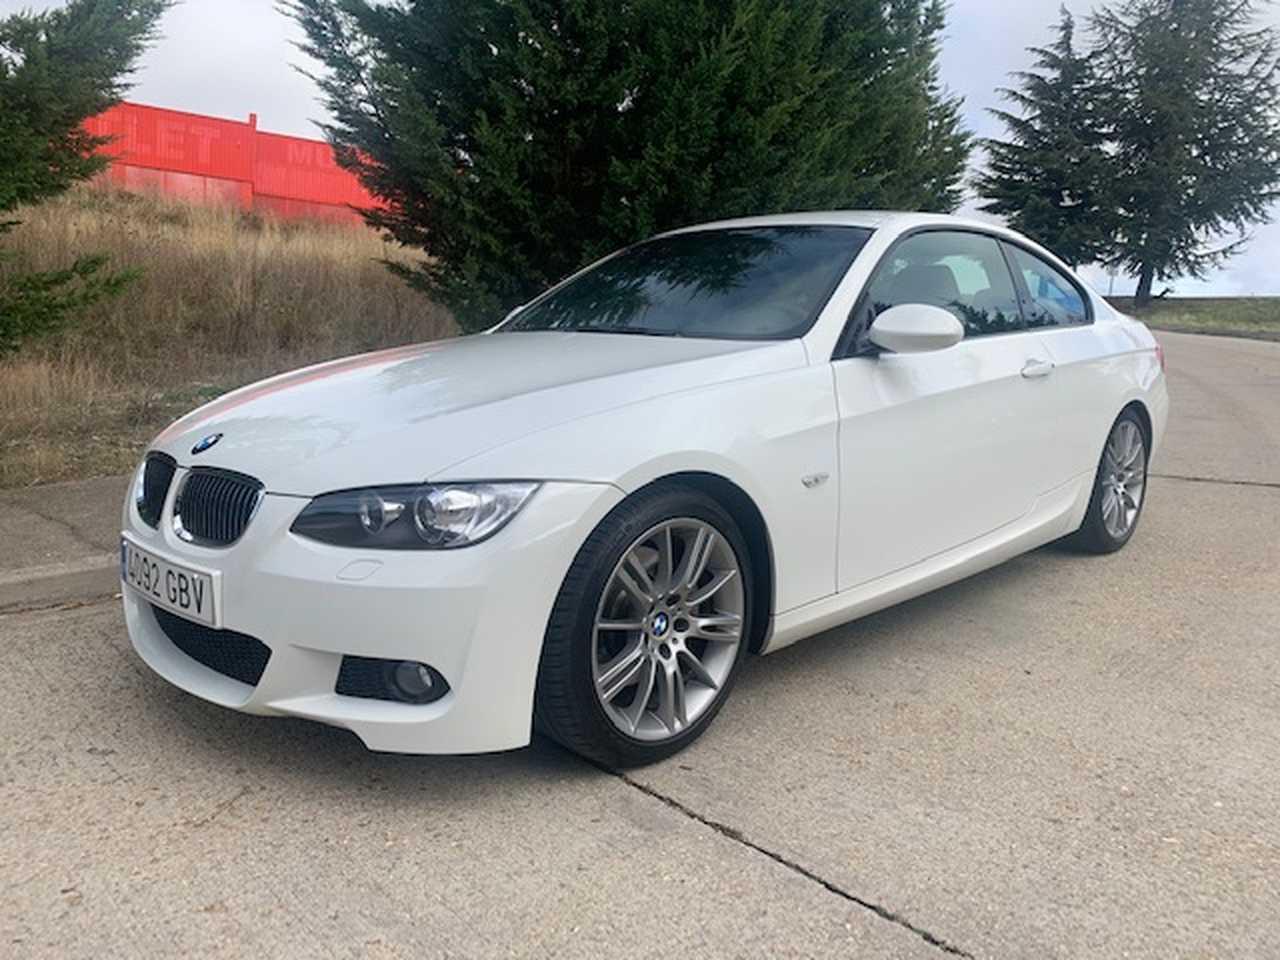 BMW Serie 3 Coupé 325 I   - Foto 1